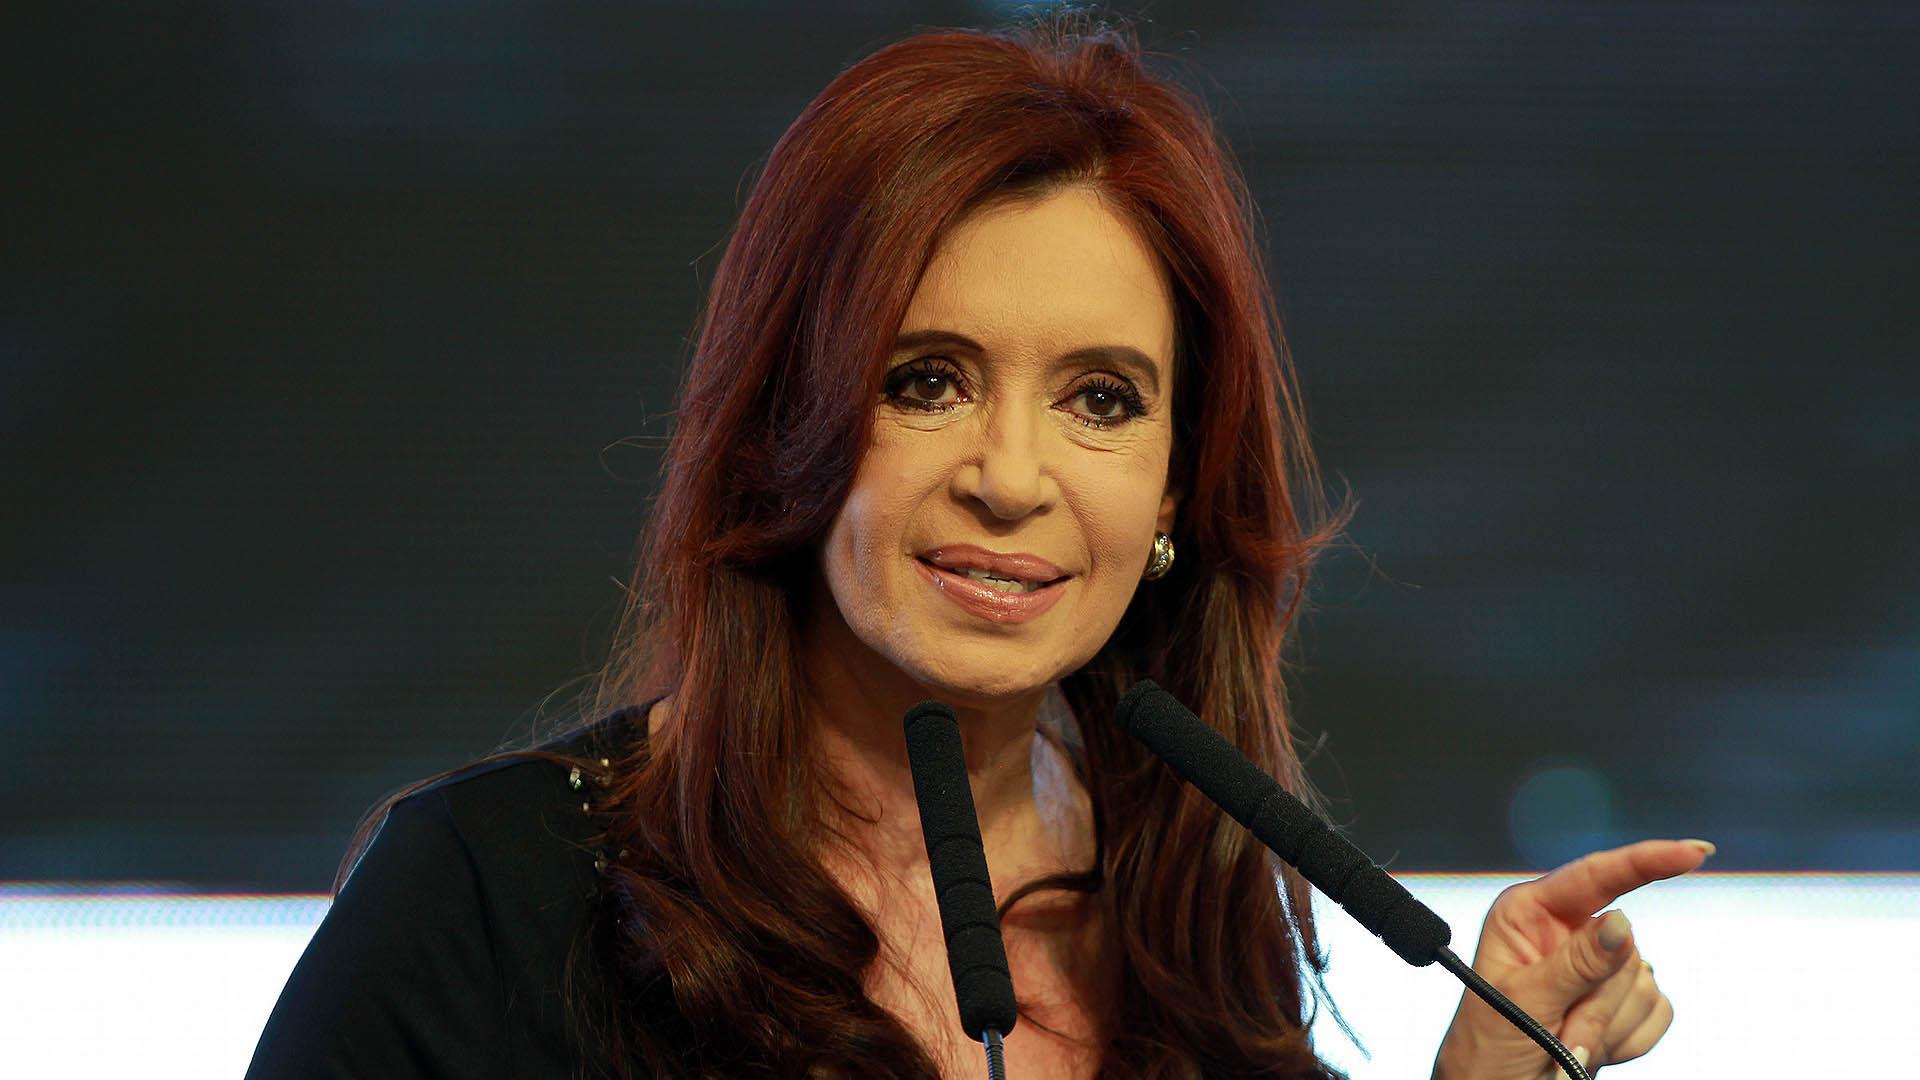 La ex presidenta de Argentina está siendo juzgada por un presunto caso de corrupción en su período de mandato